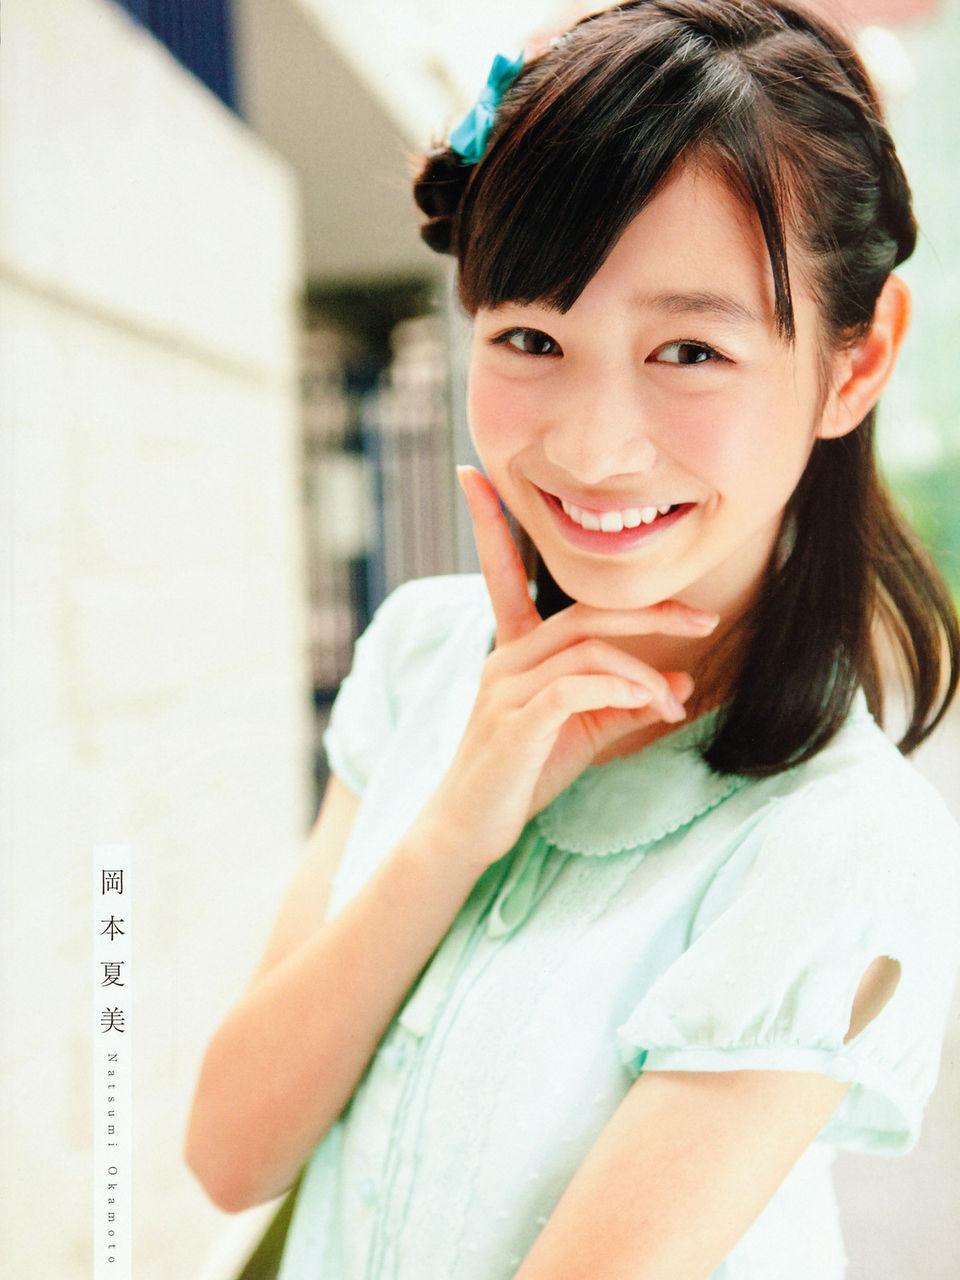 岡本夏美さんの画像その51